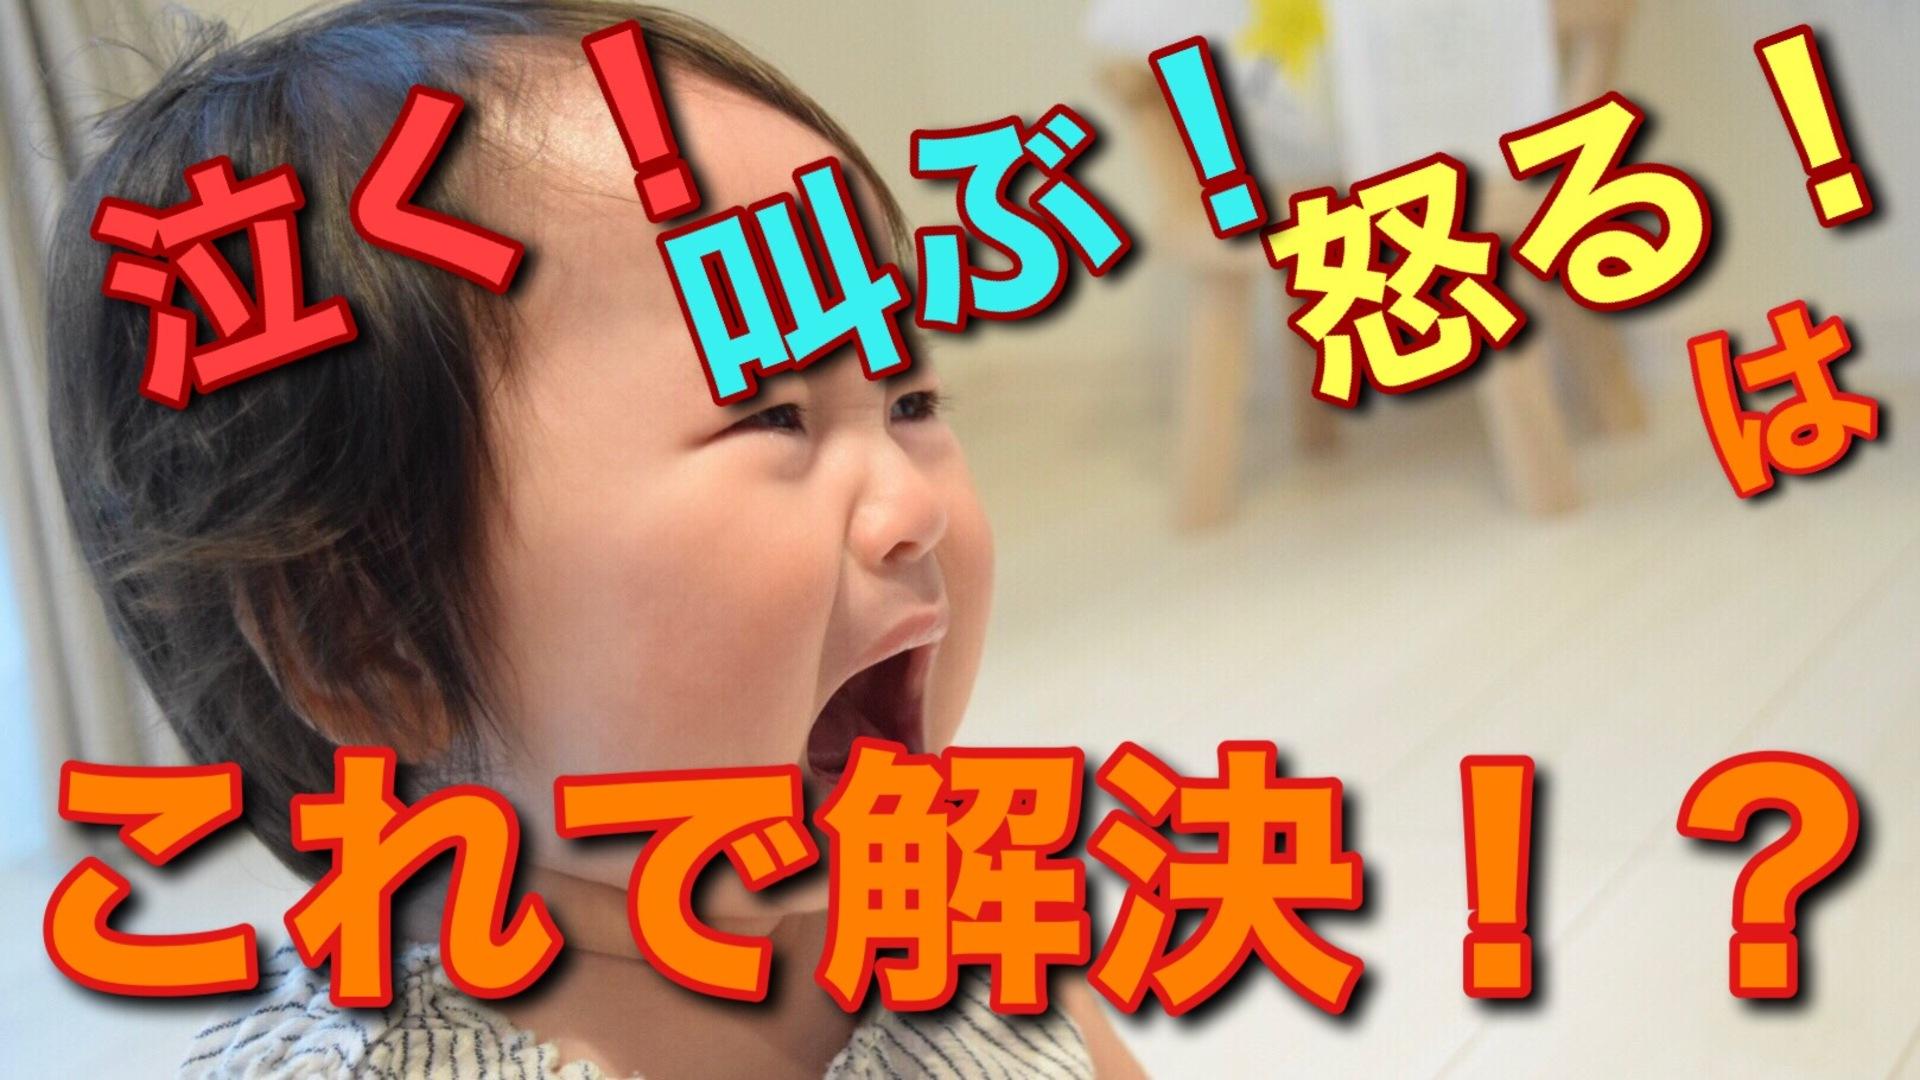 『バラバラ大作戦』もう中、堀内健、渋谷凪咲、空気階段